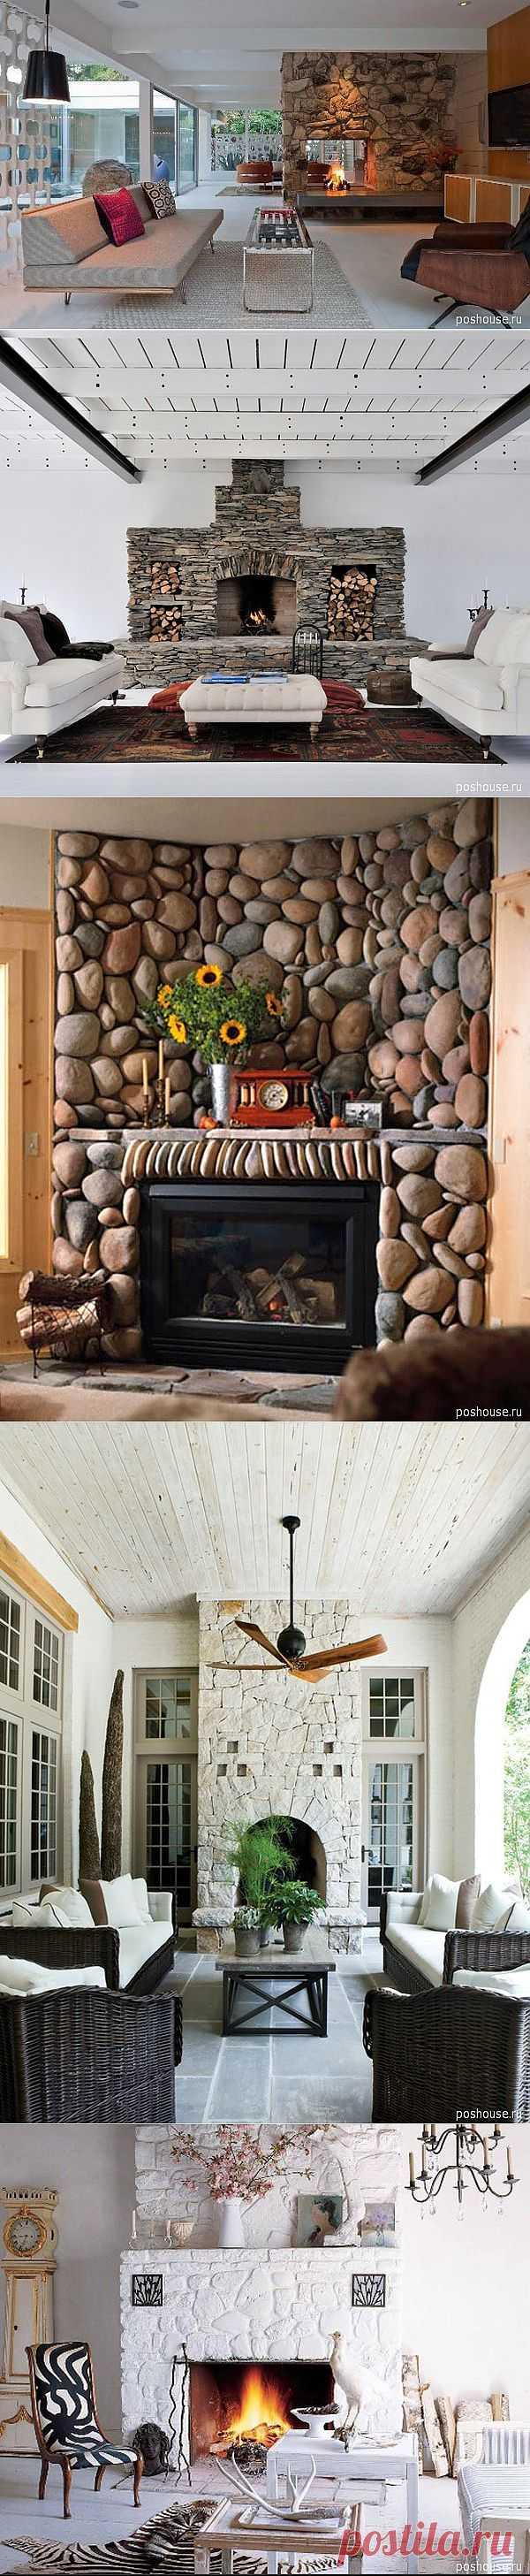 Идеи 2012 г. в дизайне интерьера гостиной комнаты с каменным камином  